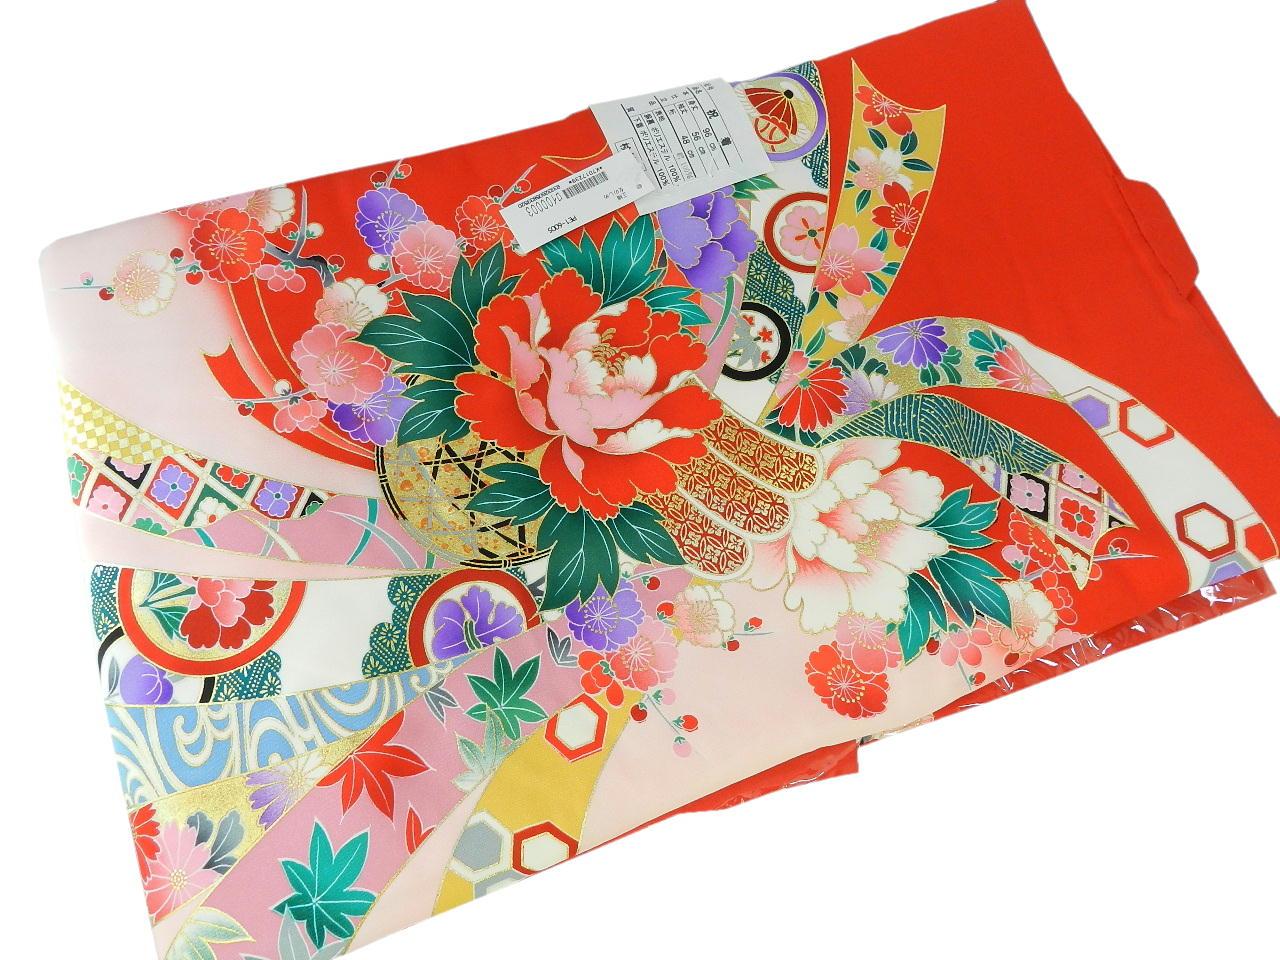 宮-8女の子女児正絹 宮参りの着物 襦袢付き祝い着セット価格産着 一つ身 のしめ祝着 着物 正絹  新品